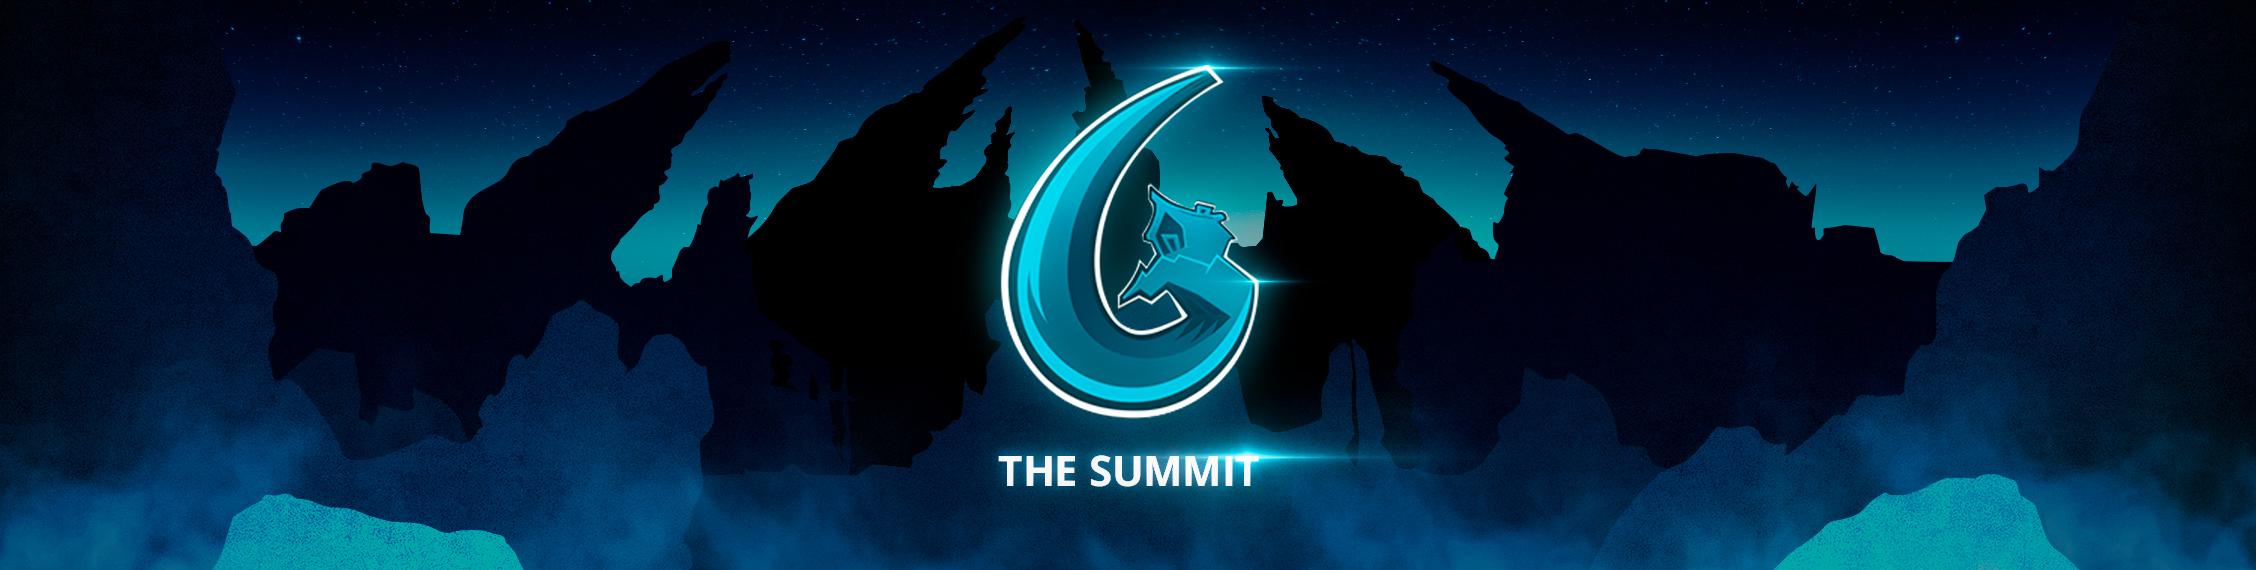 The Summit 6